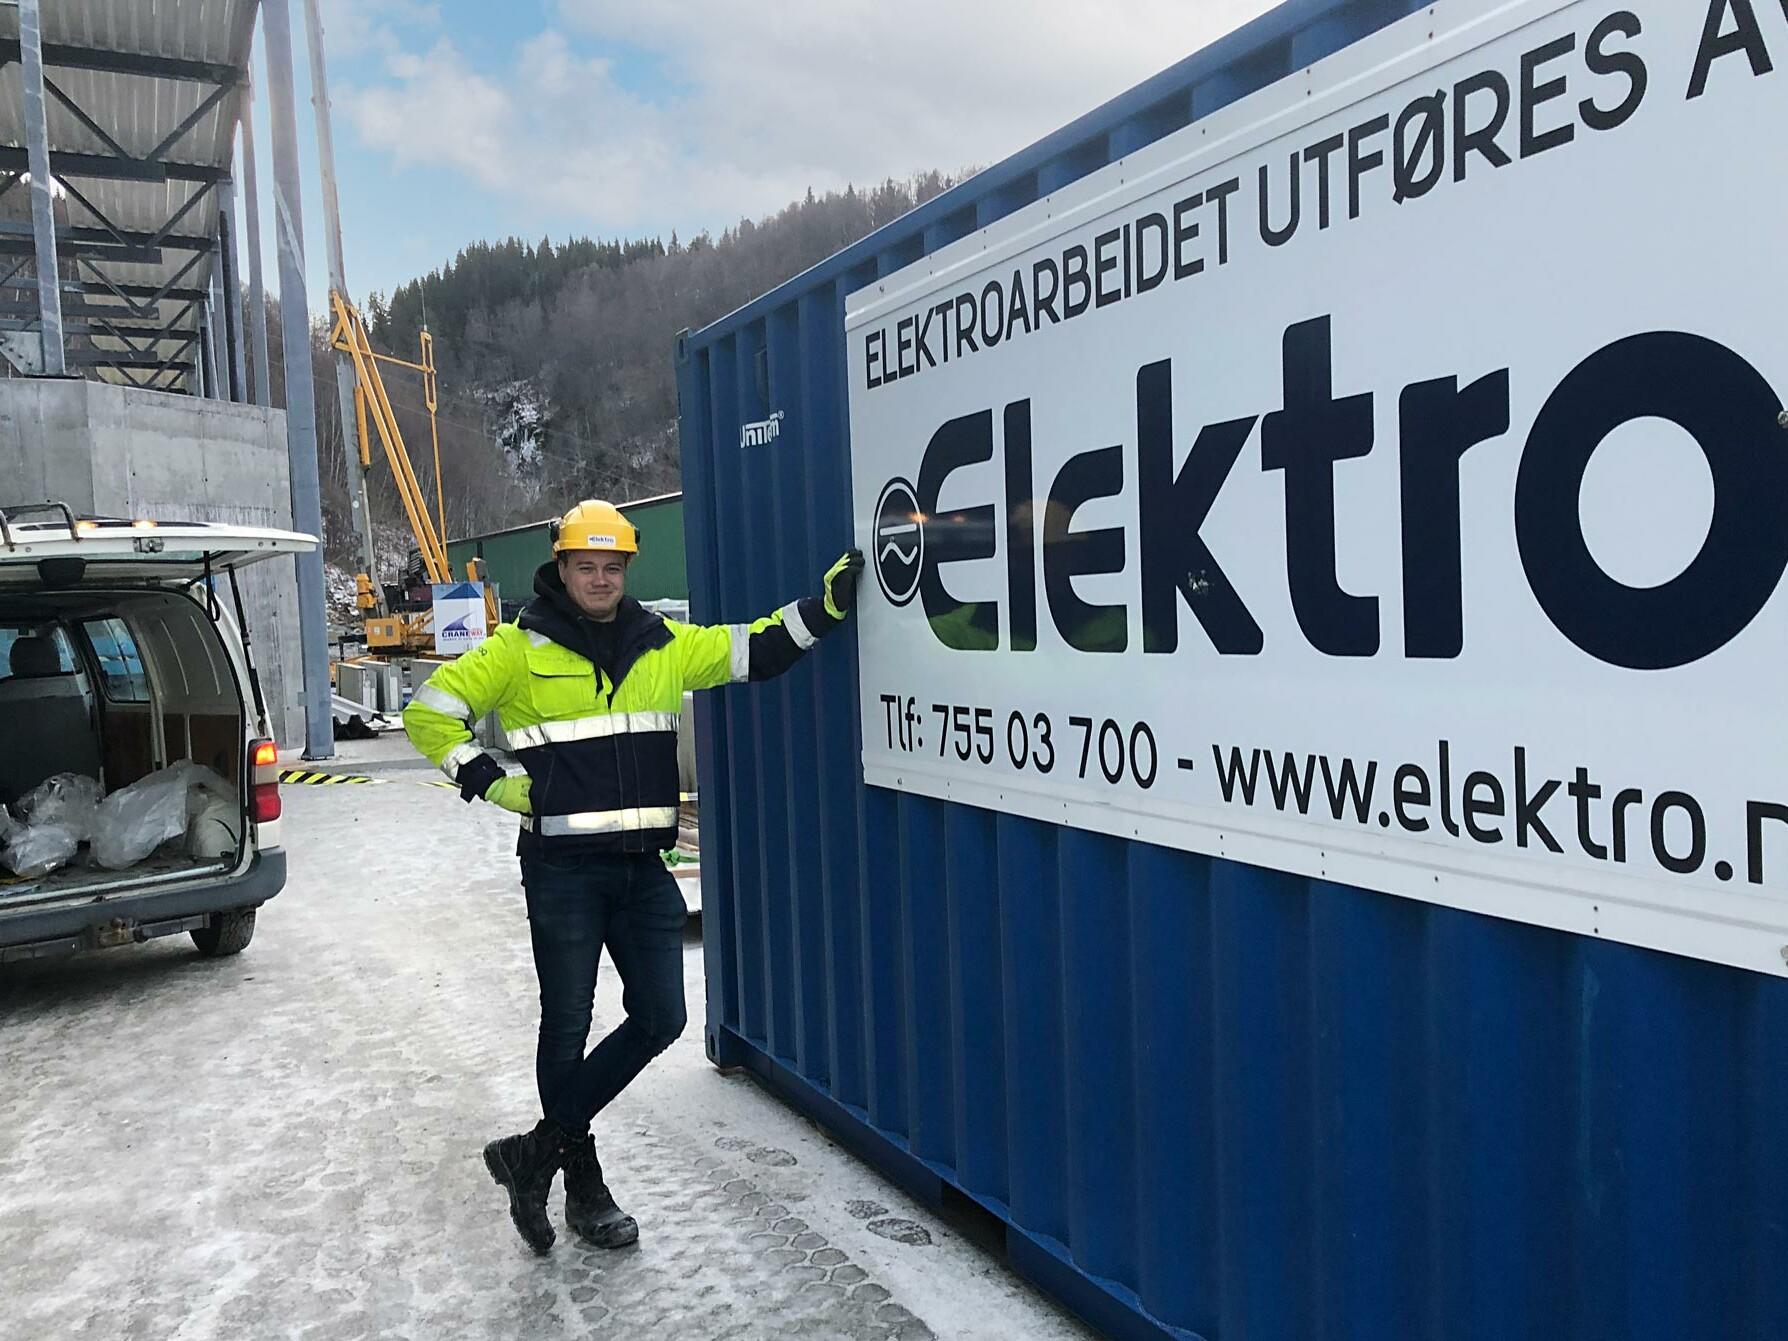 Mann i arbeidtøy lener seg på kontainer dekorert med